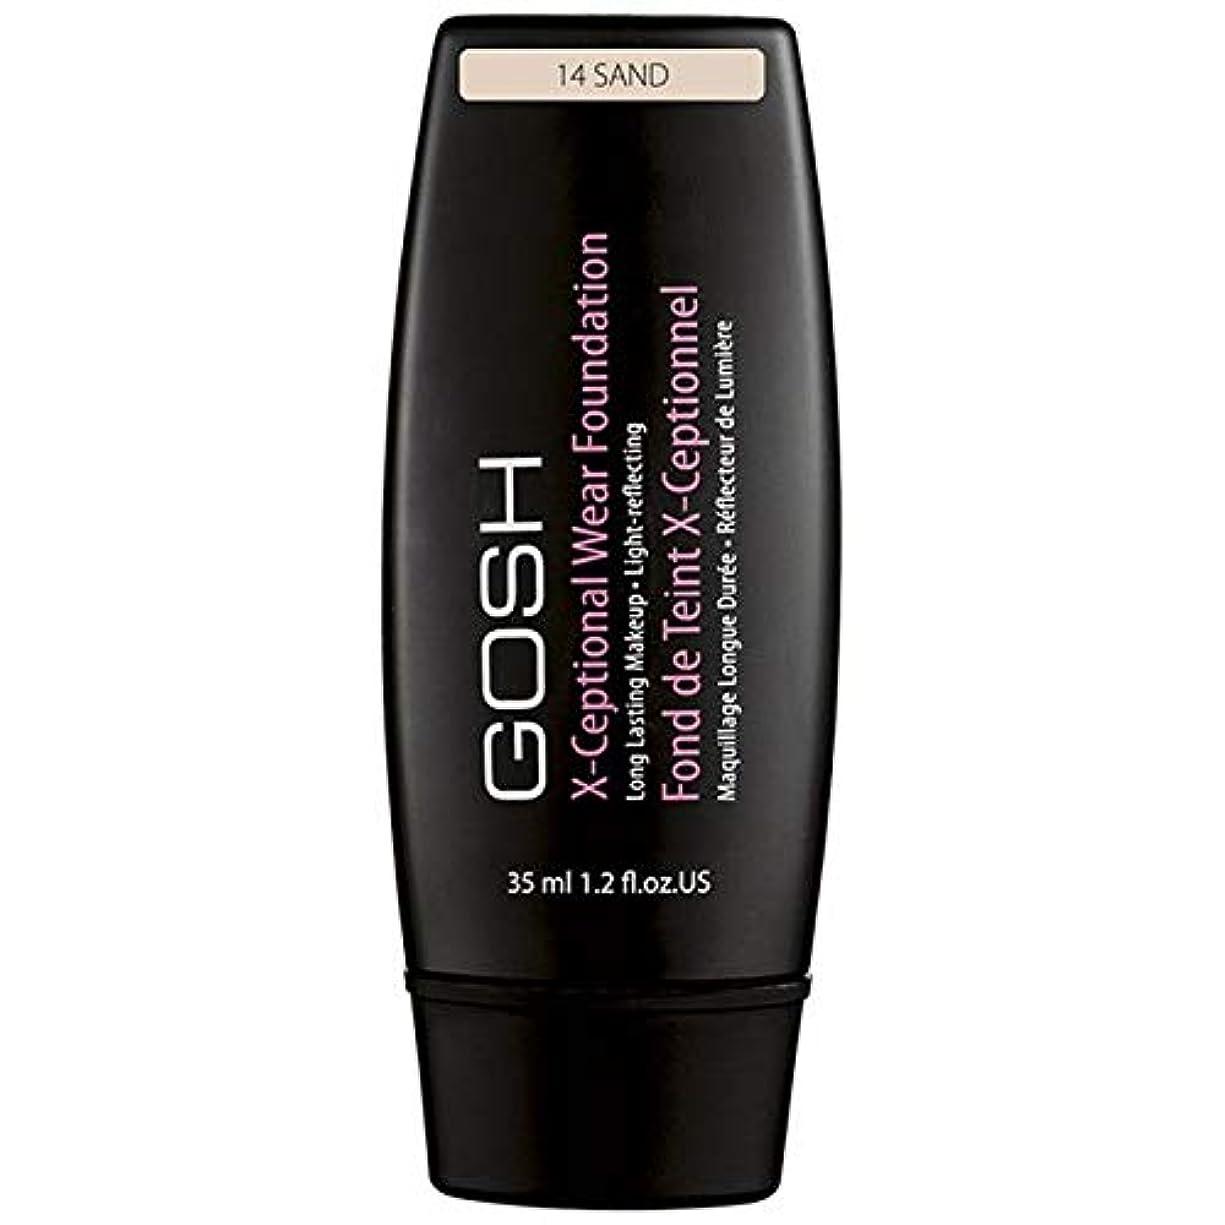 質素なアクション現れる[GOSH ] おやっX-Ceptional砂14を構成して着用 - Gosh X-Ceptional Wear Make Up Sand 14 [並行輸入品]